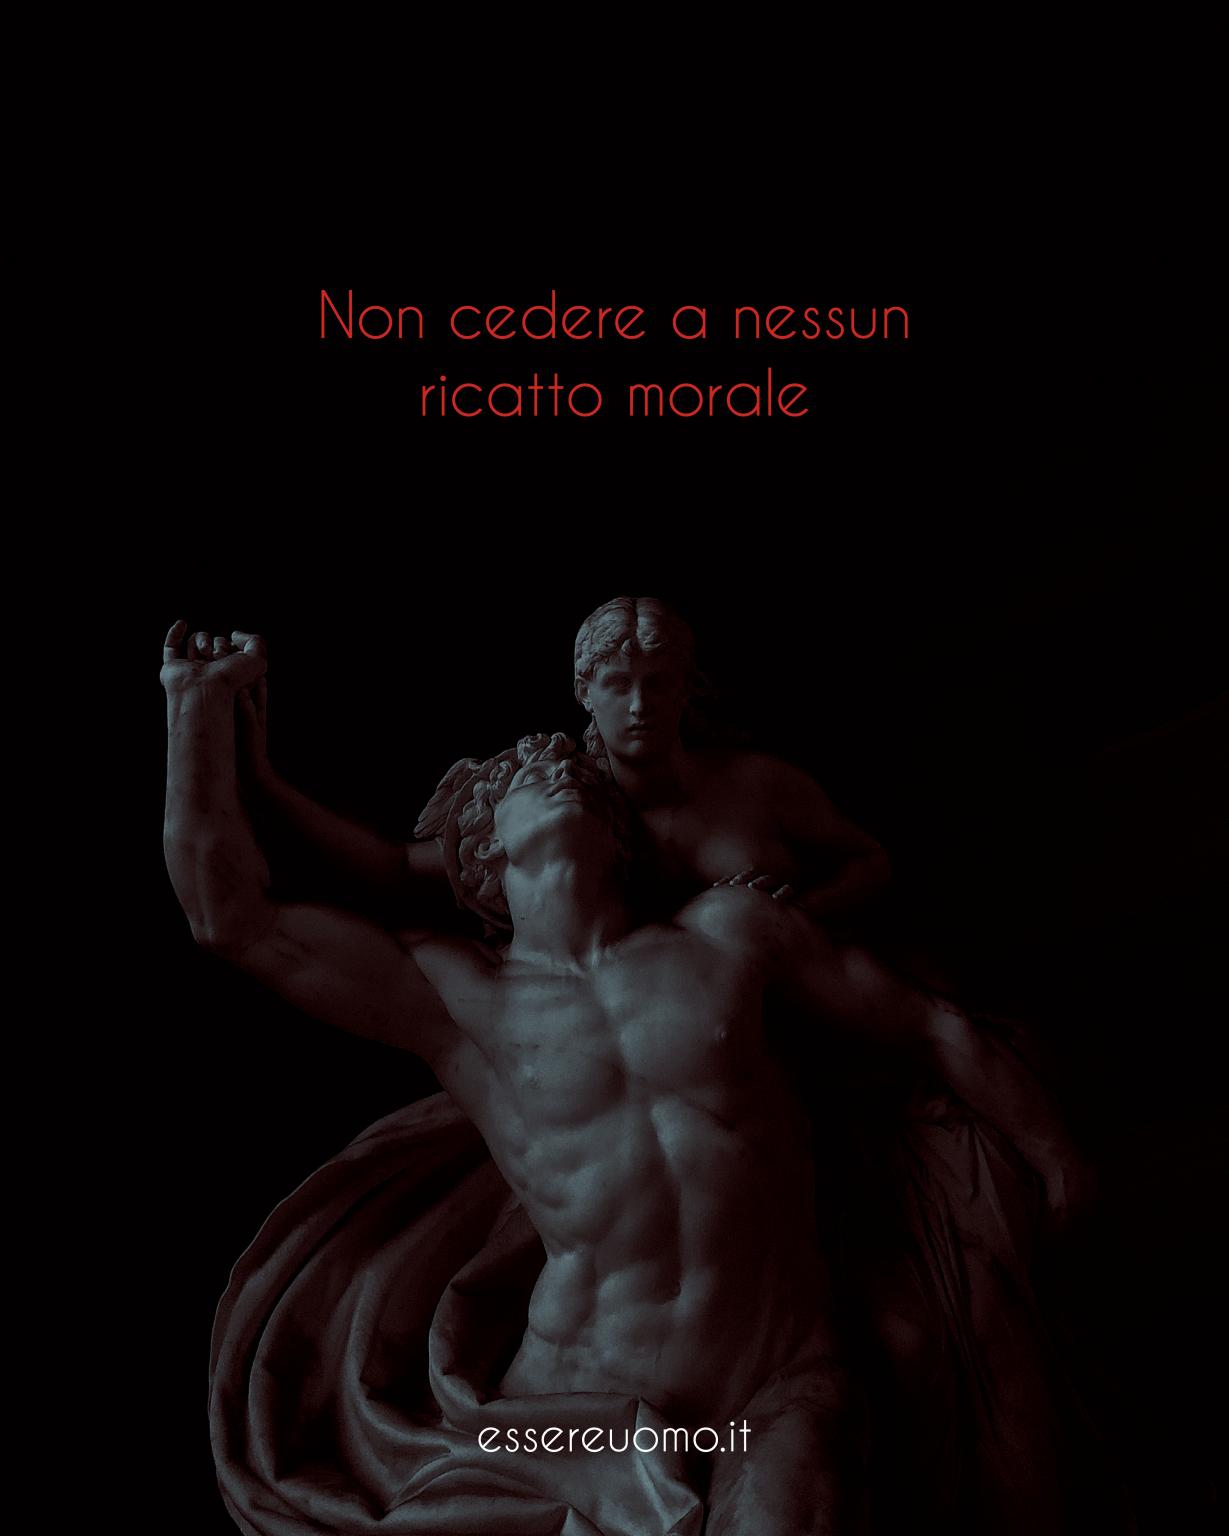 ricatto morale